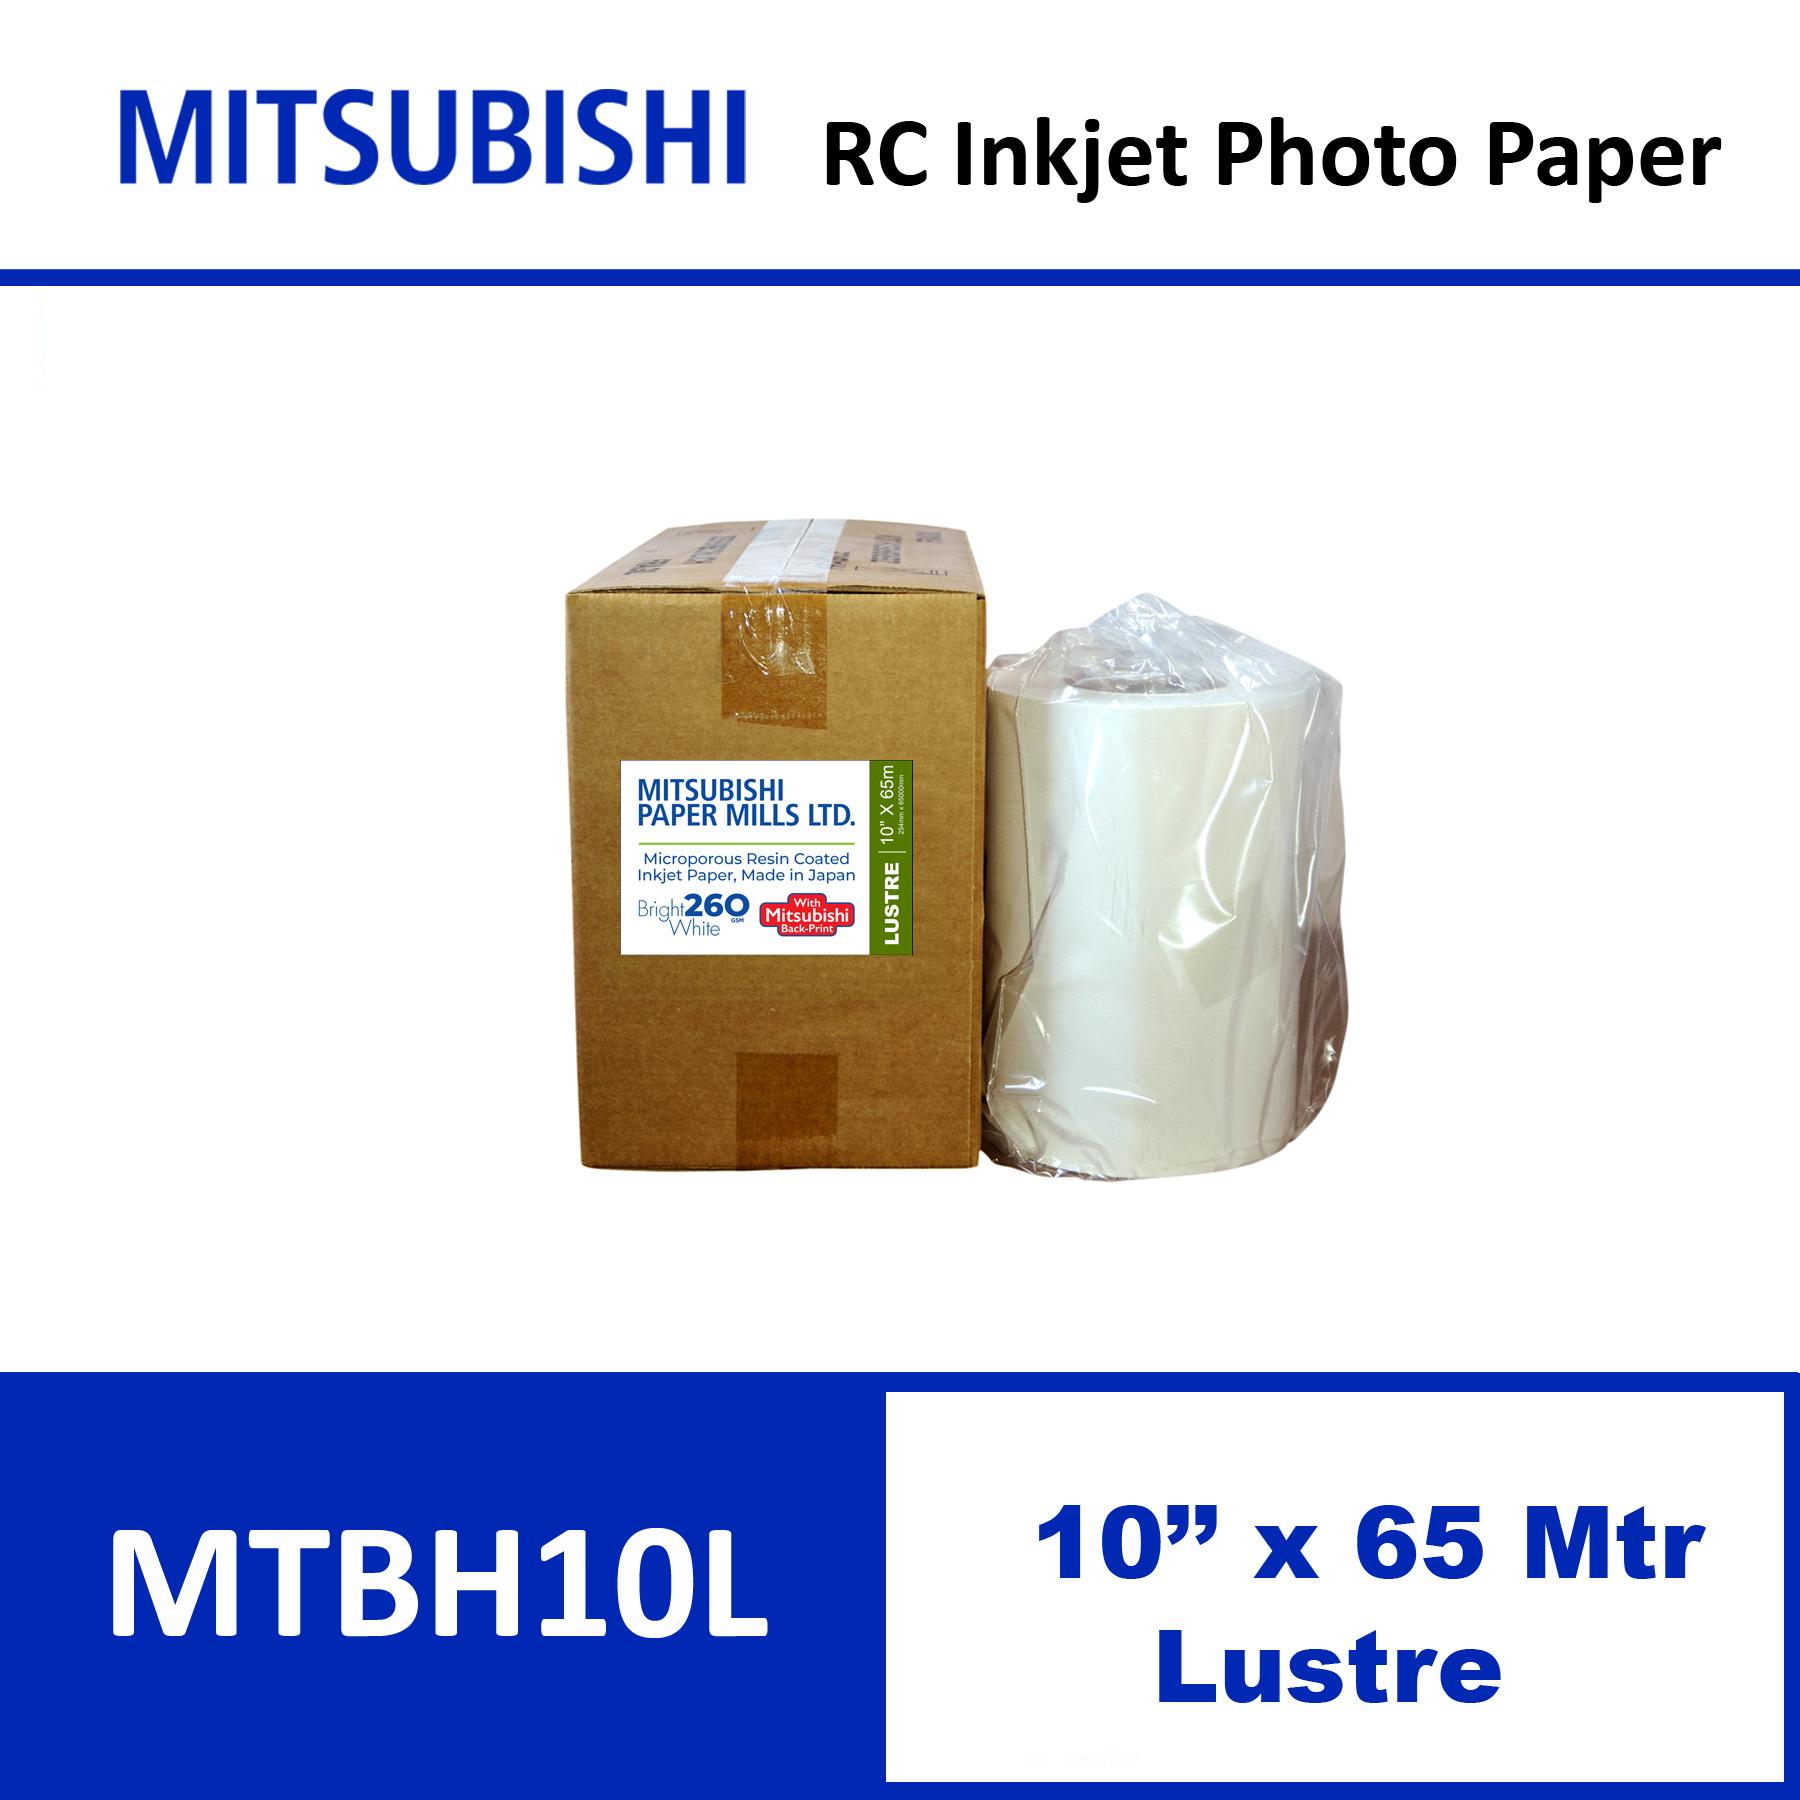 """Mitsubishi Inkjet RC Paper 10"""" x 65 Mtrs Lustre"""